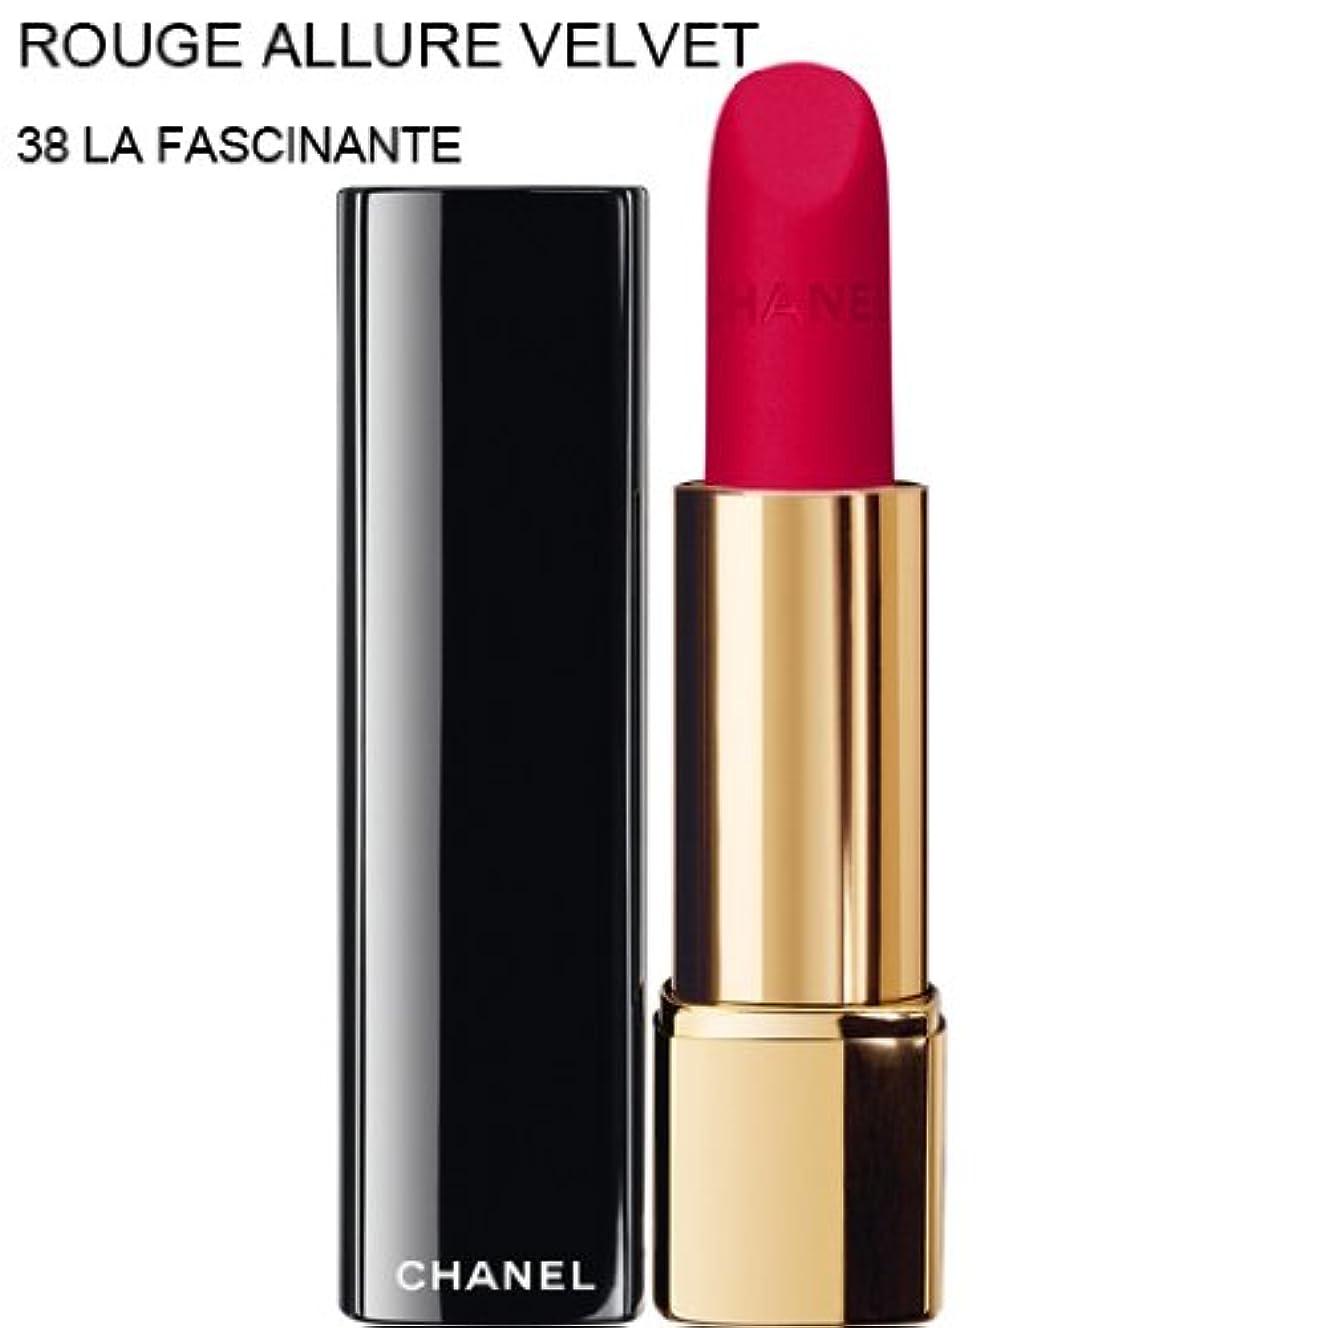 引き出しカップルつなぐCHANEL-Lipstick ROUGE ALLURE VELVET (38 LA FASCINANTE) (parallel imported item 並行輸入品)